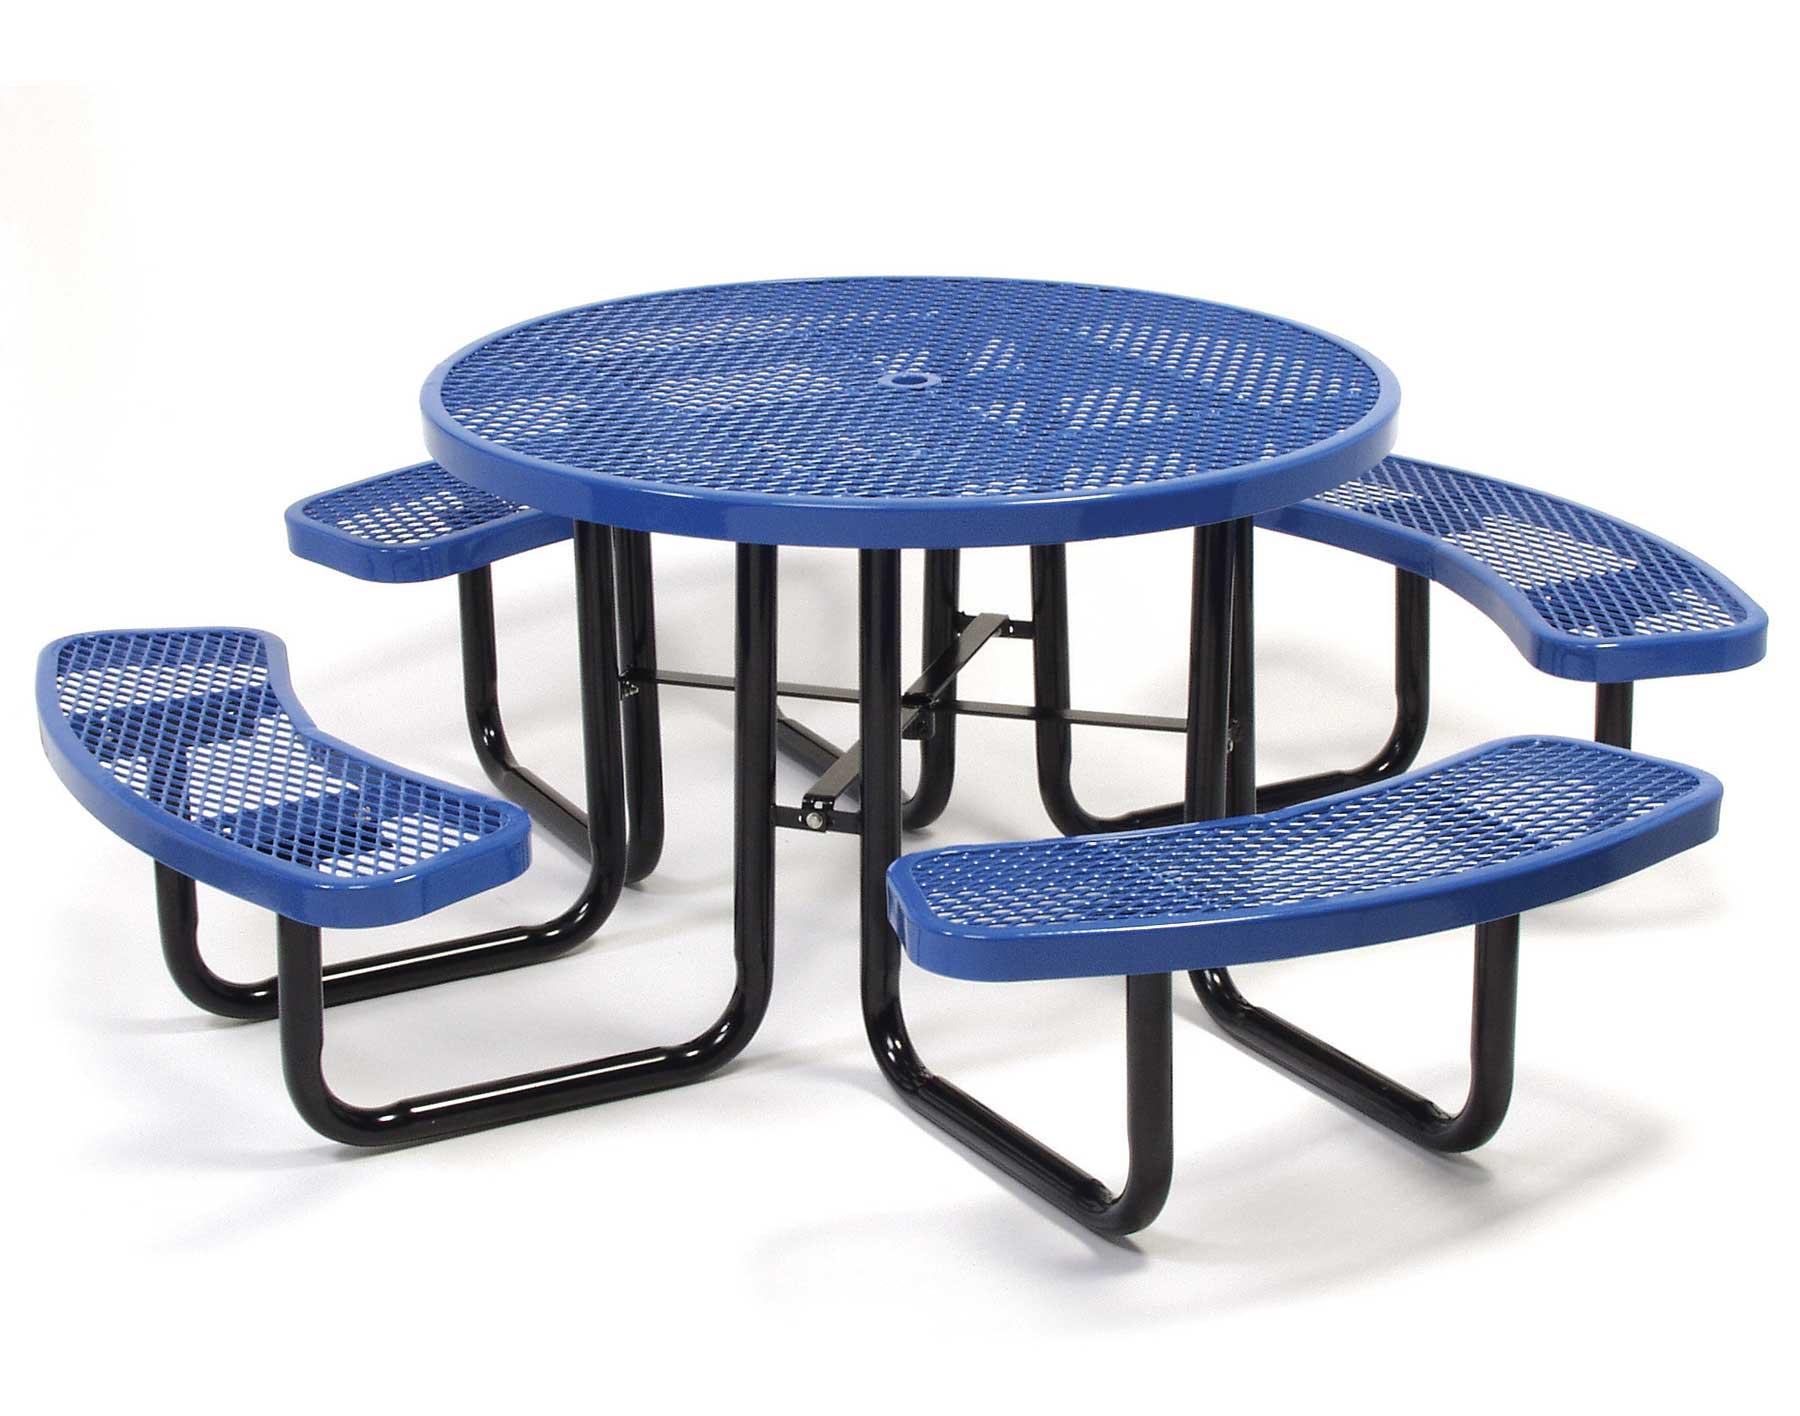 Folding Picnic Table With Umbrella picture on Folding Picnic Table With Umbrella?p=2597 with Folding Picnic Table With Umbrella, Folding Table 208ade87a95cc156dedfe375e35f1749